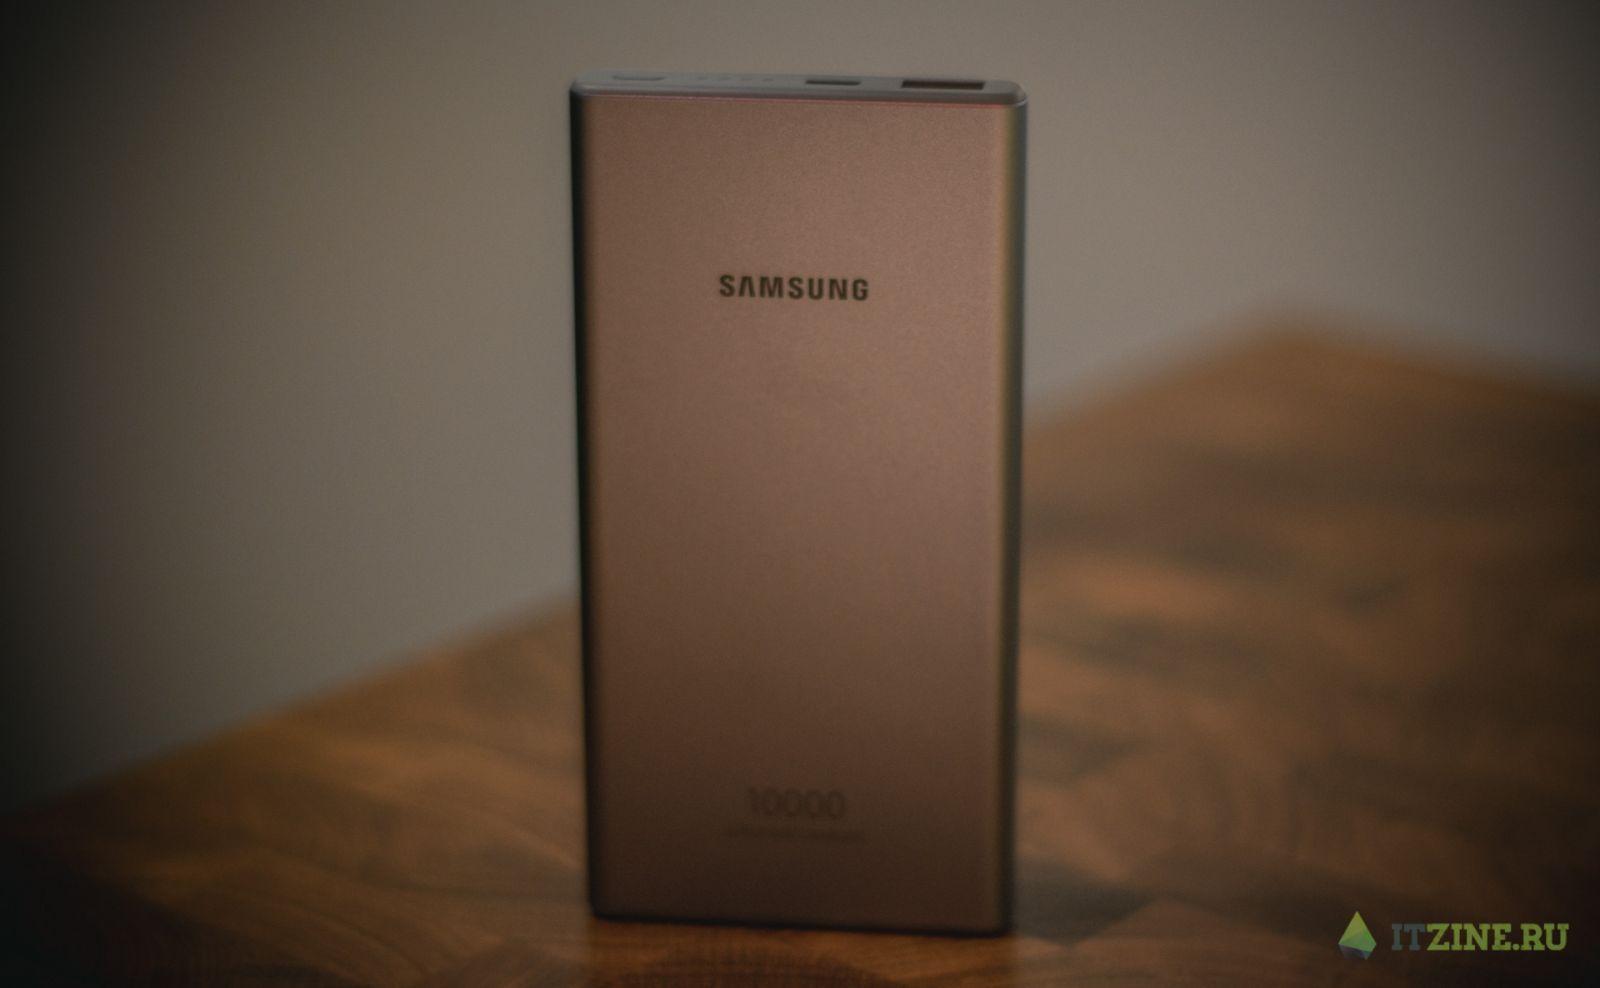 Премиум без изъянов. Обзор смартфона Samsung Galaxy S20+ (dsc 8654)